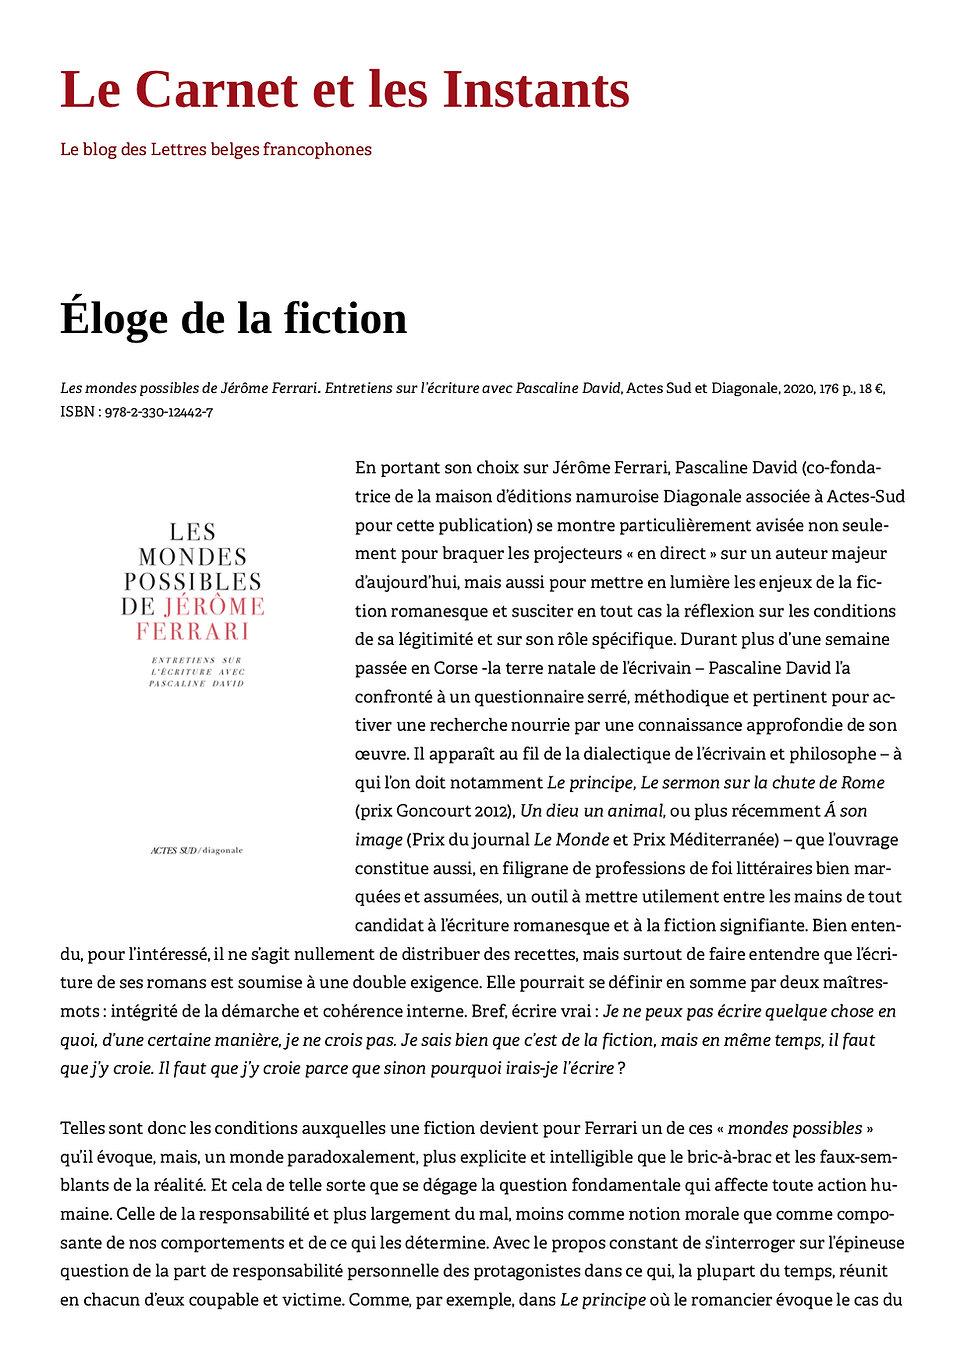 Éloge_de_la_fiction_-_Le_Carnet_et_les_